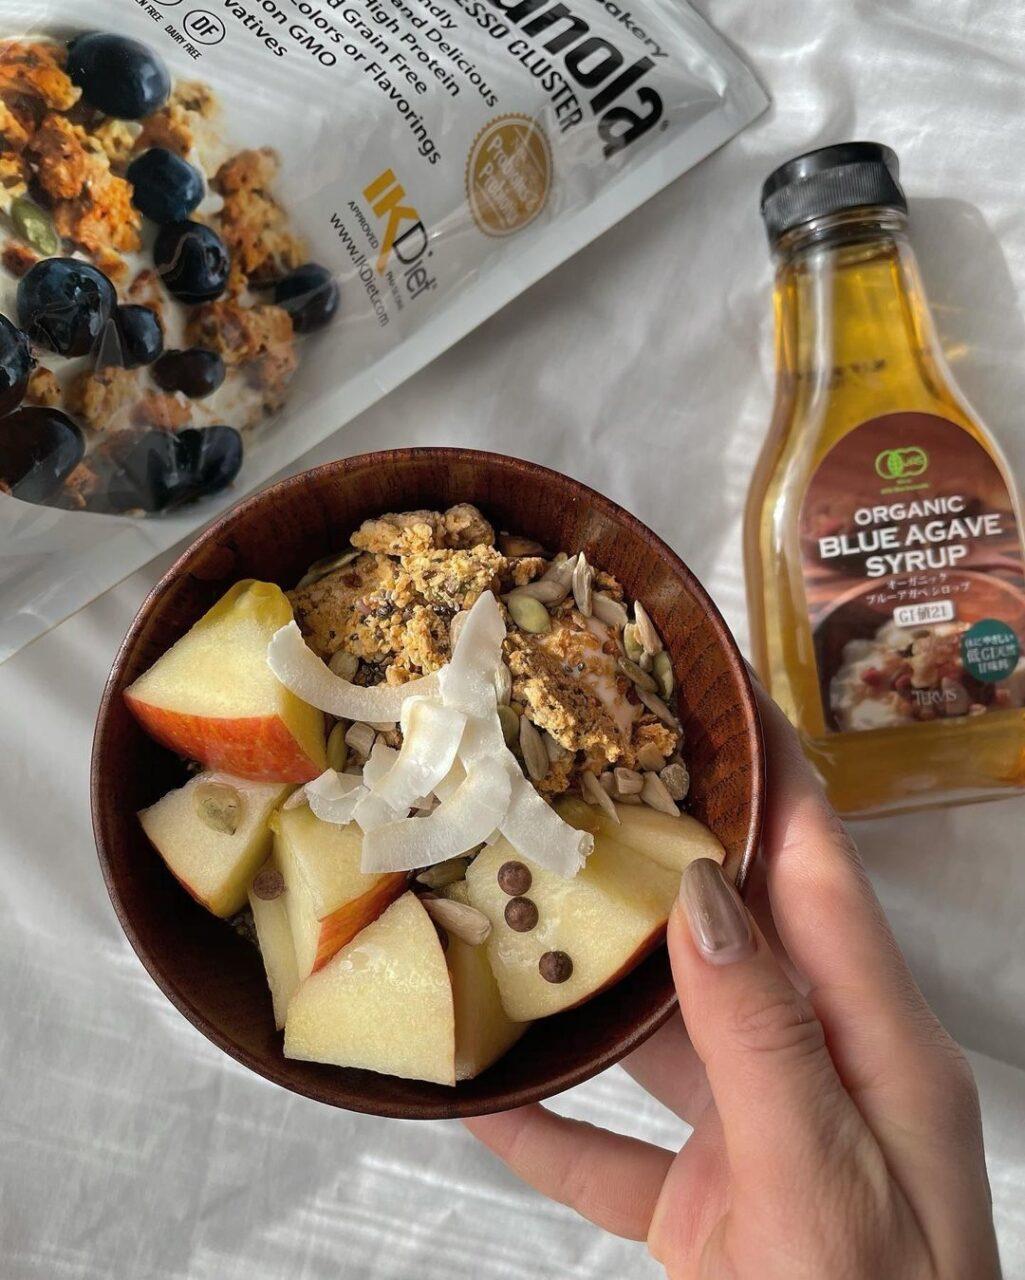 おうちにいるとぱくぱく食べちゃう。本日はギルトフリーで身体に優しいおやつはいかが?